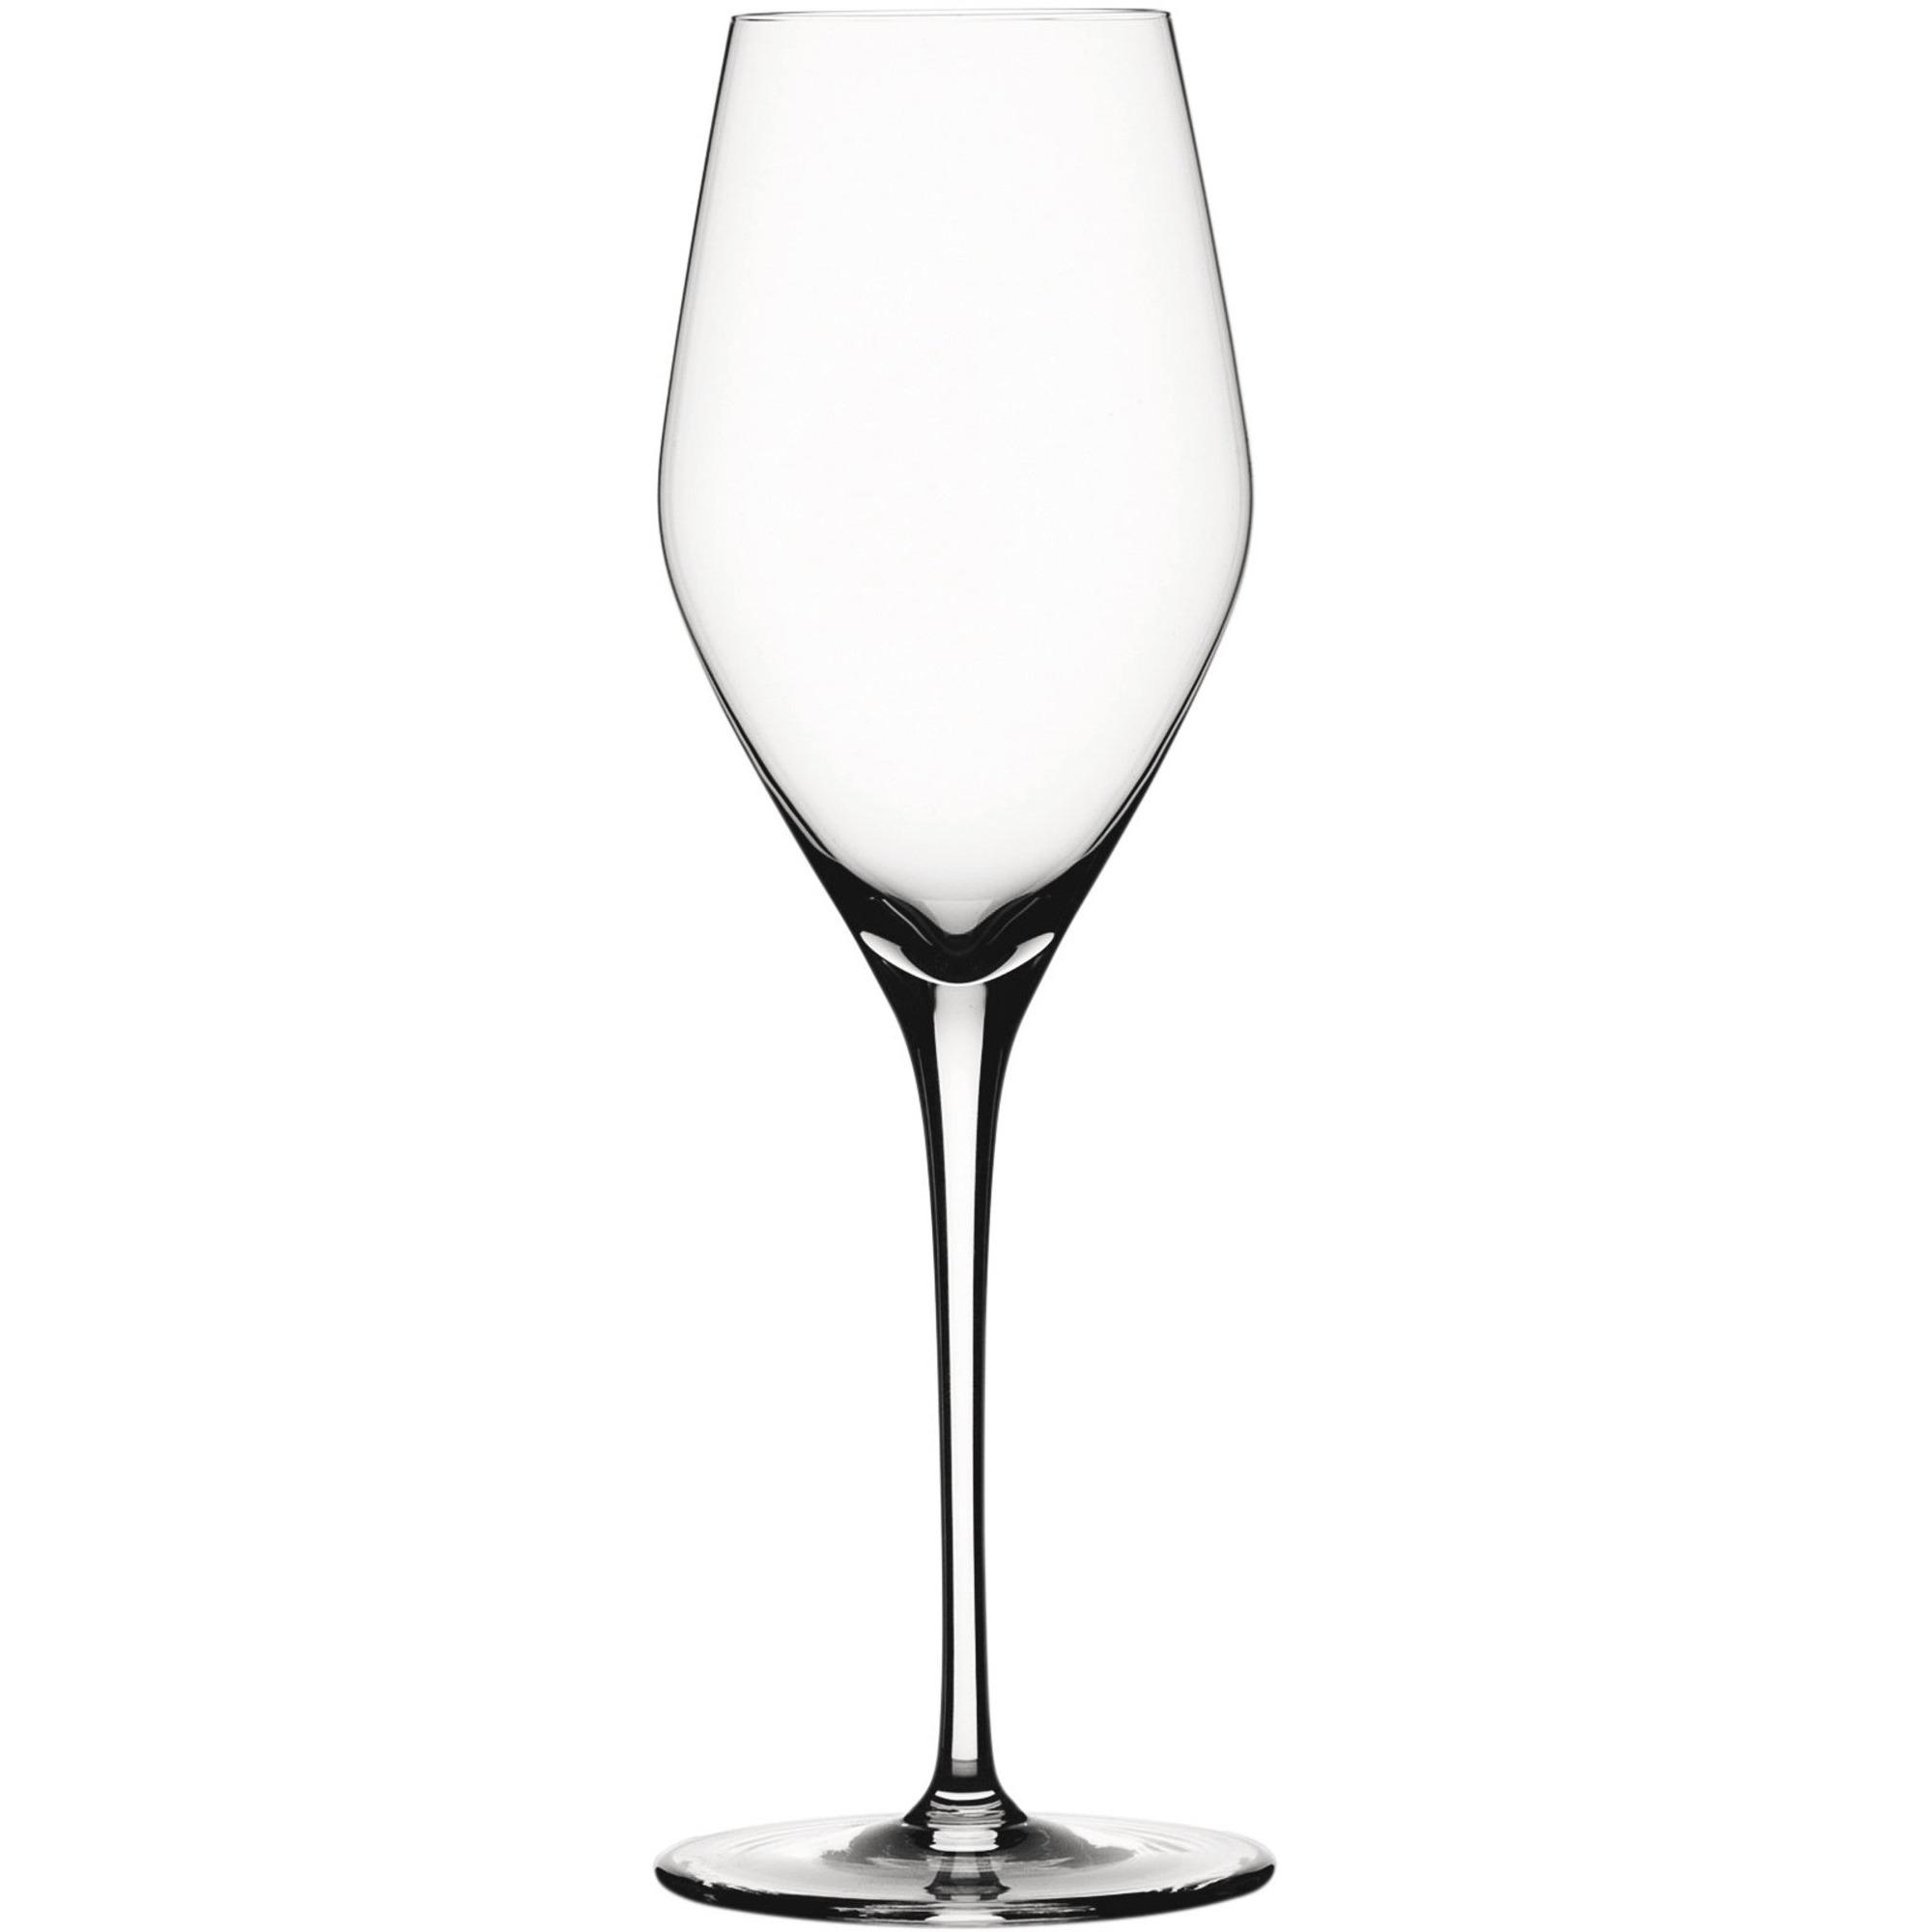 Spiegelau Authentis Champagneglas 27 cl 4pack